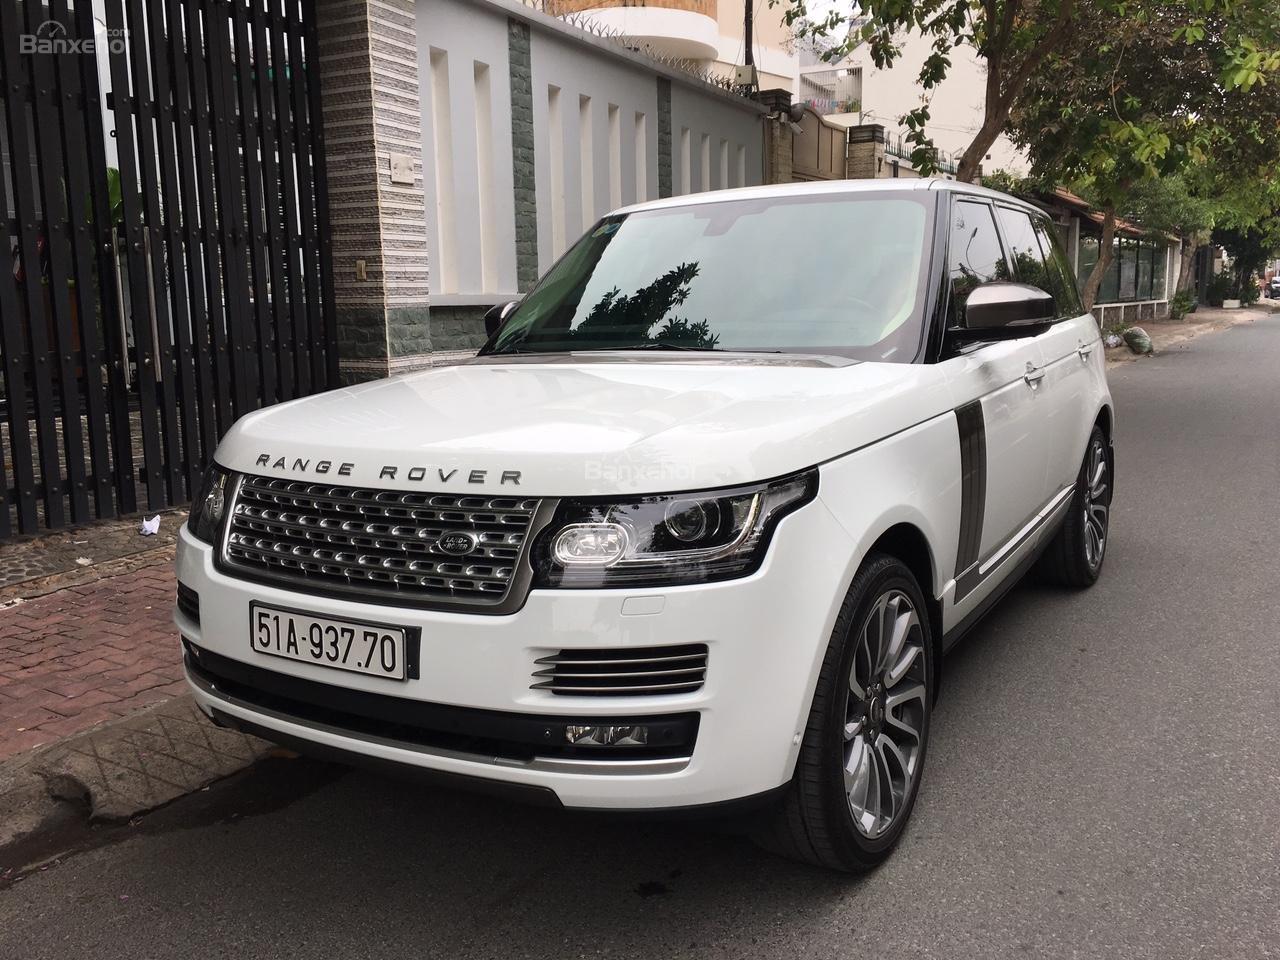 Cần bán xe LandRover Range Rover Autobiography 3.0 năm 2014, màu trắng -0